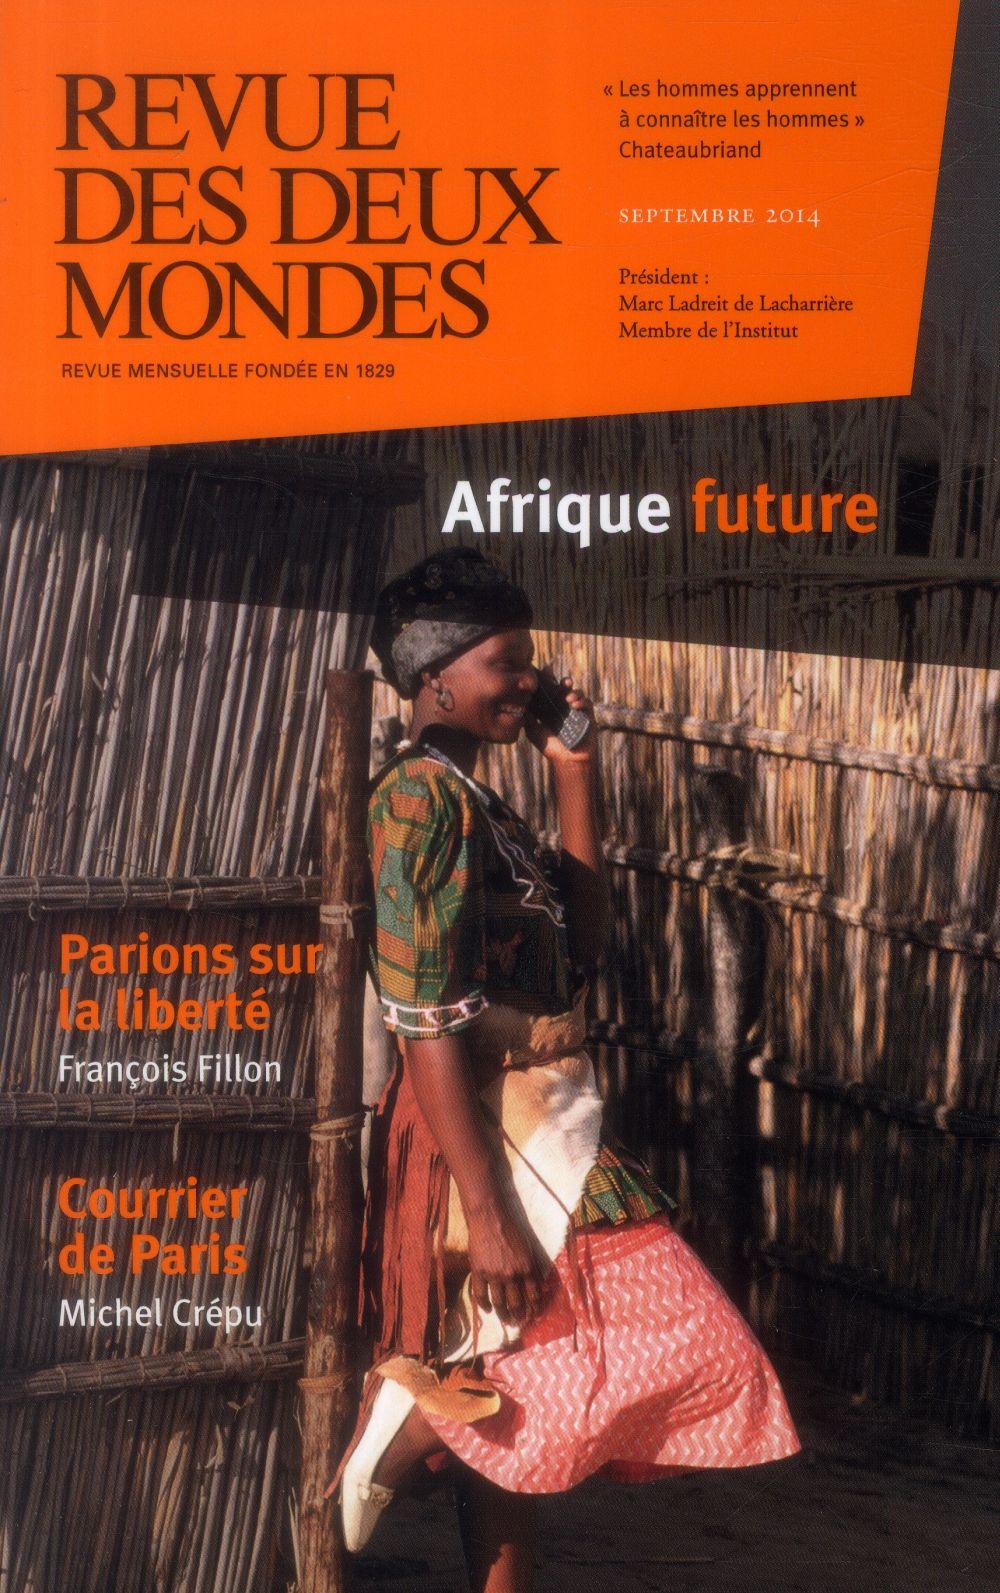 REVUE DES DEUX MONDES ; l'Afrique future